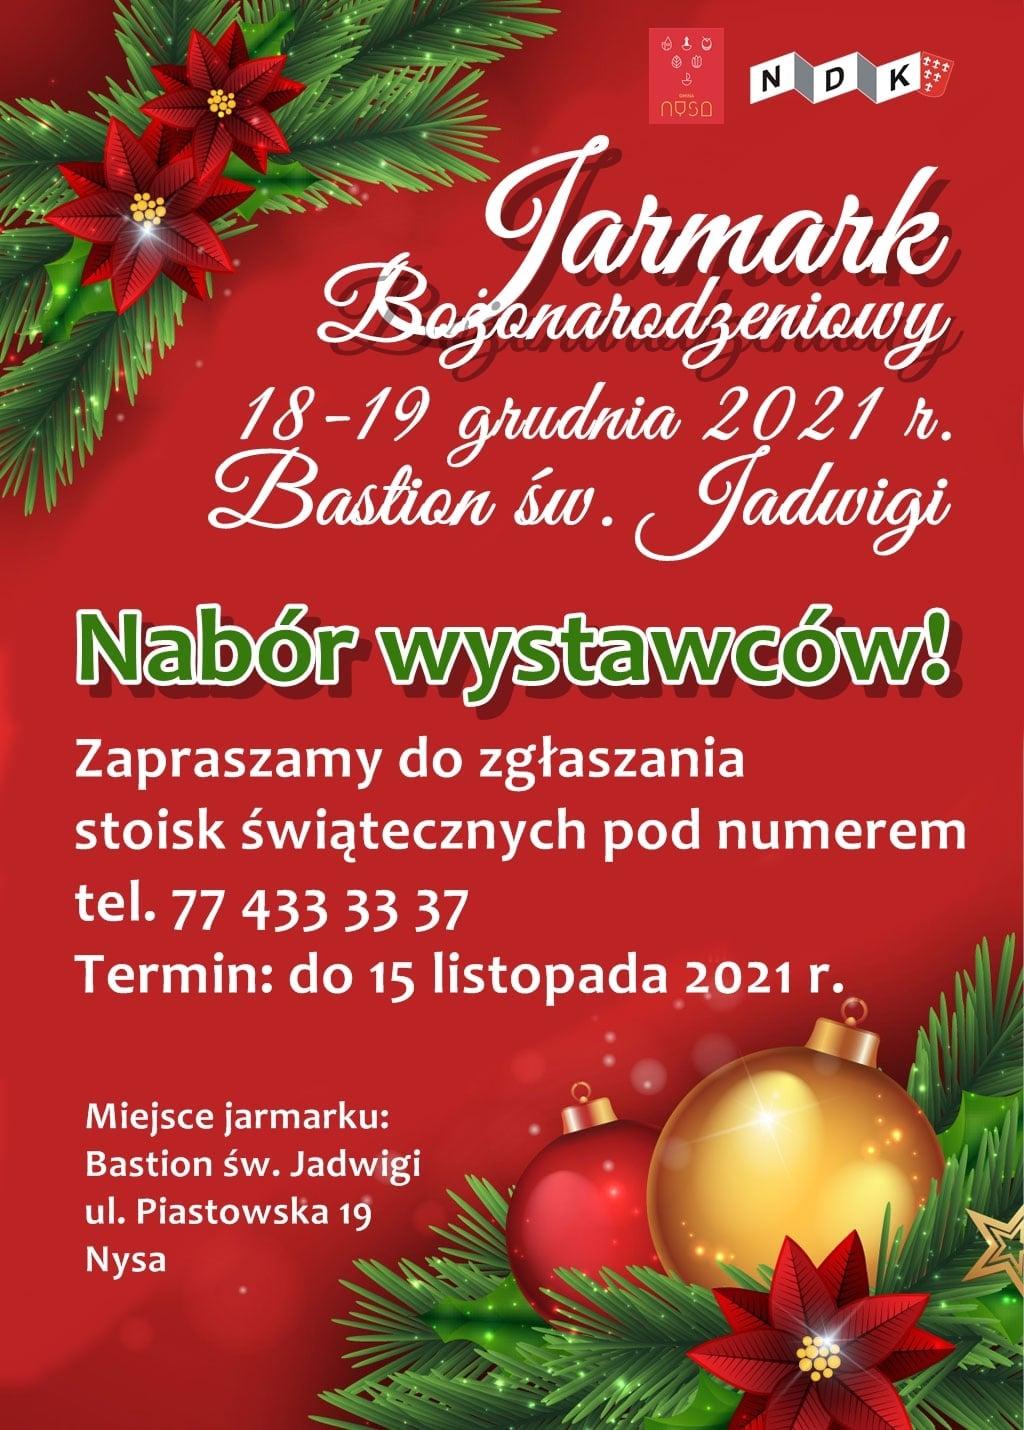 Jarmark Bożonarodzeniowy w Bastionie św. Jadwigi